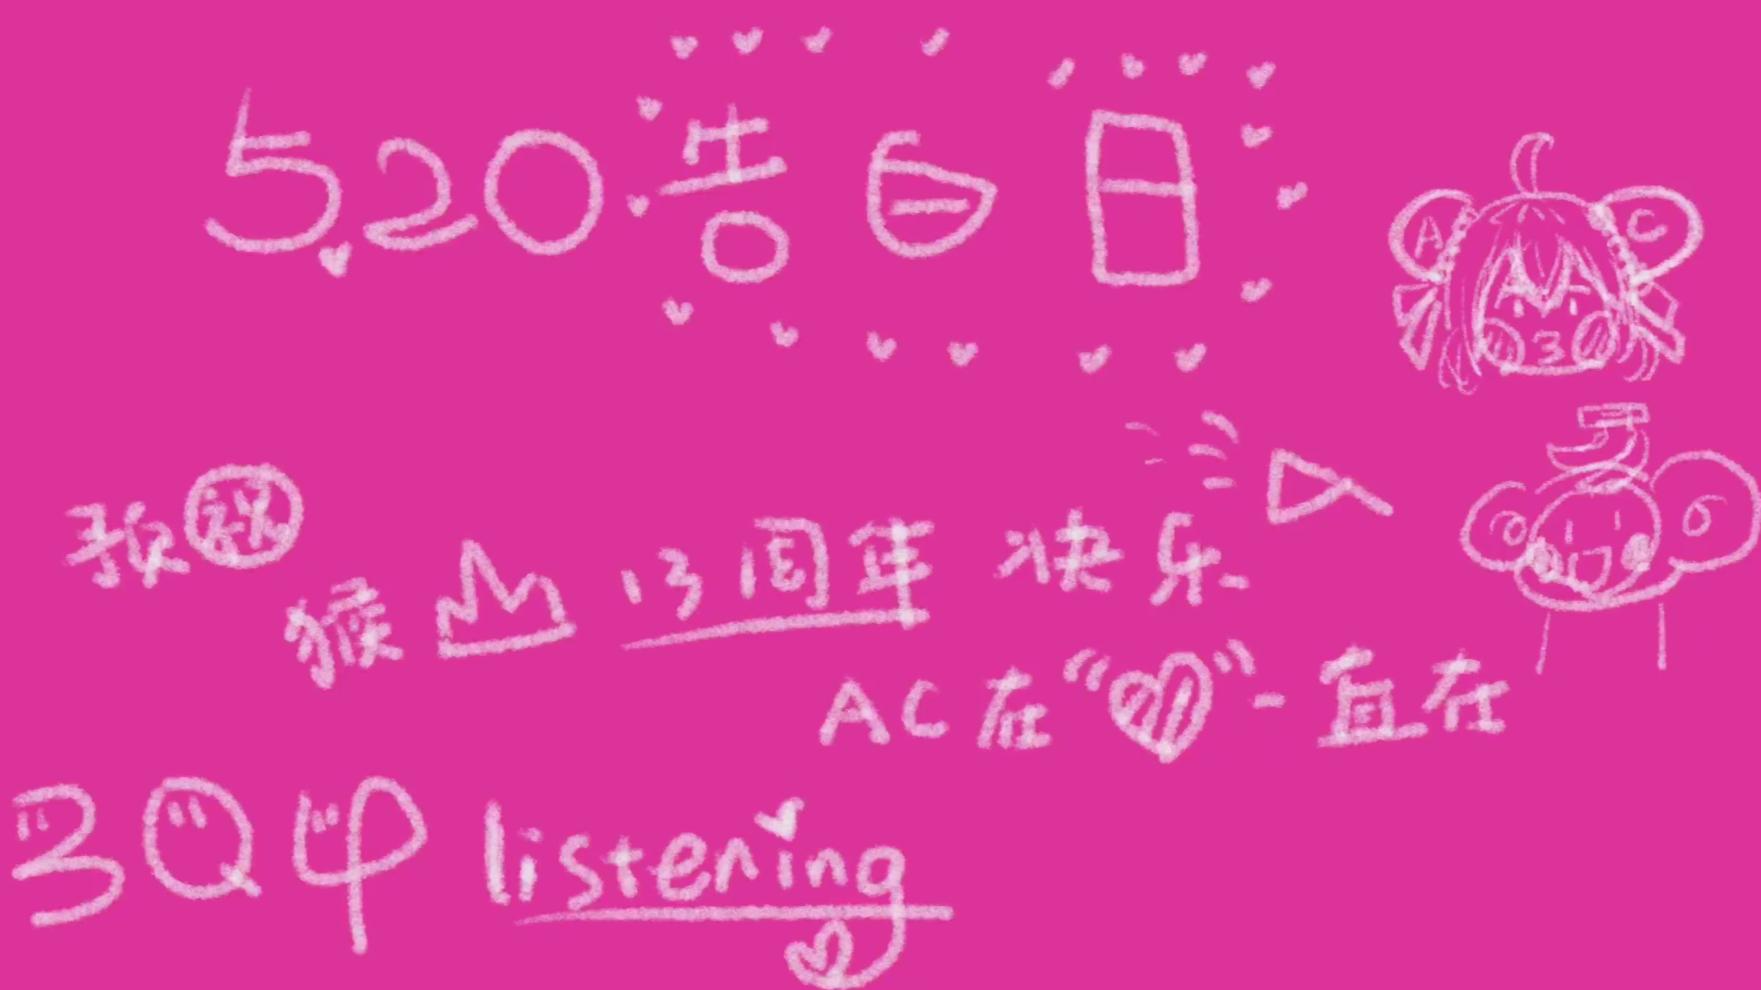 【520翻唱】爱在A站唱唱看:-p